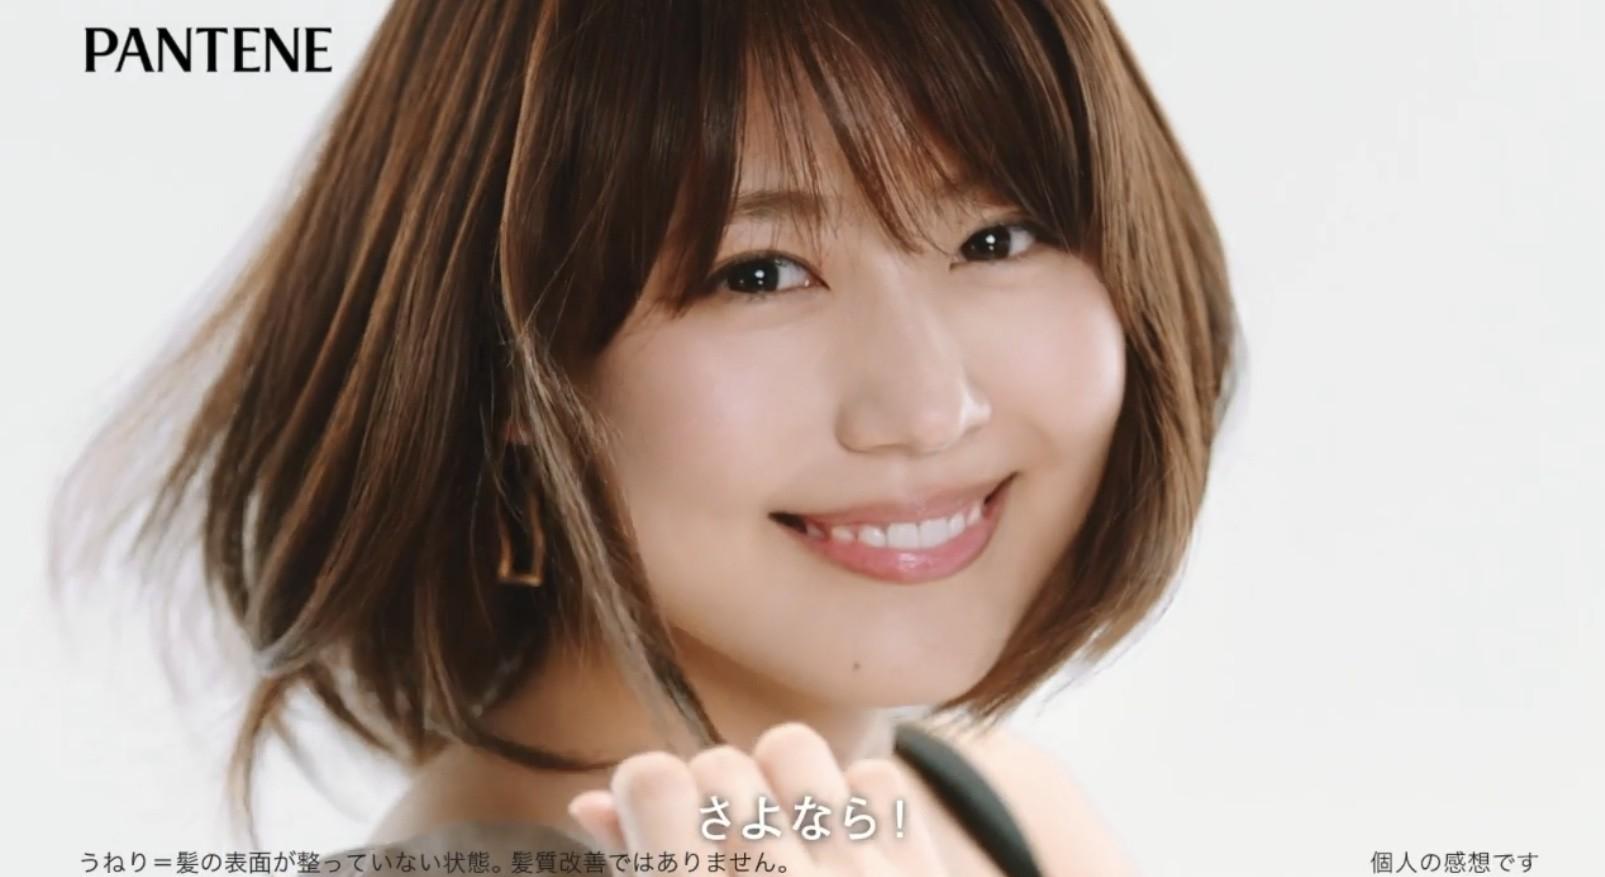 有村架純がパンテーン#HairWeGo新CMに出演! さらさらなショートヘアと ...